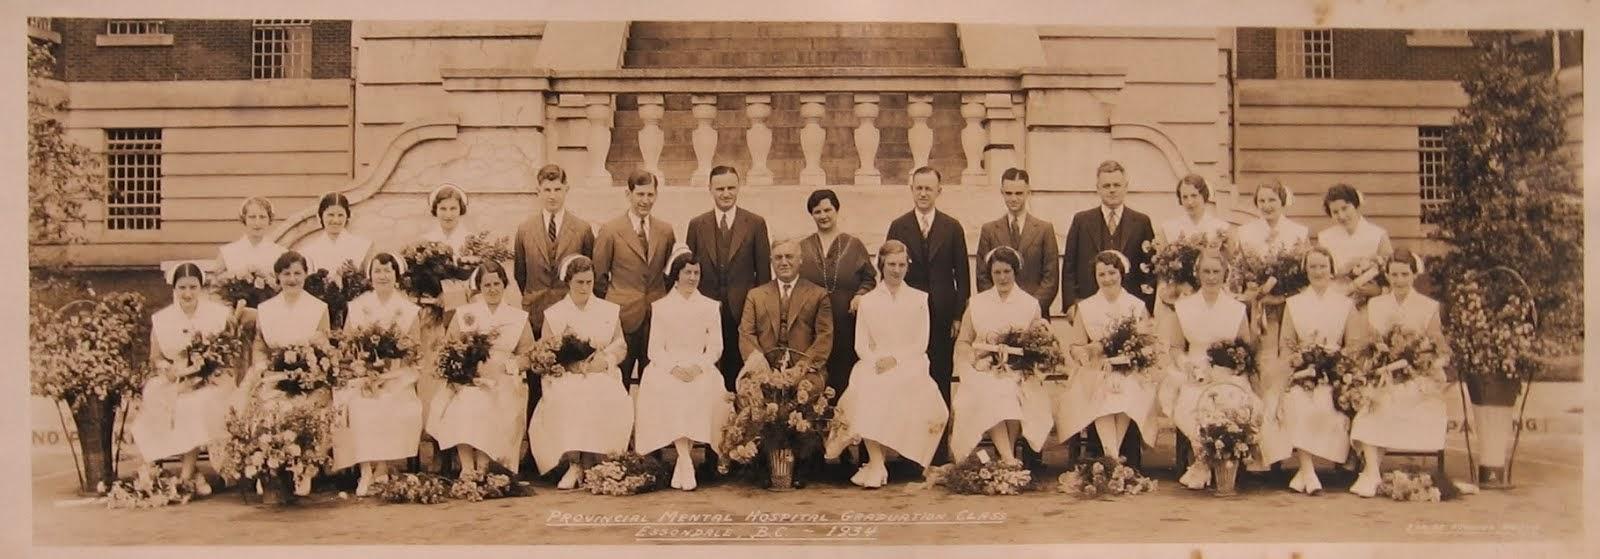 1934 graduates